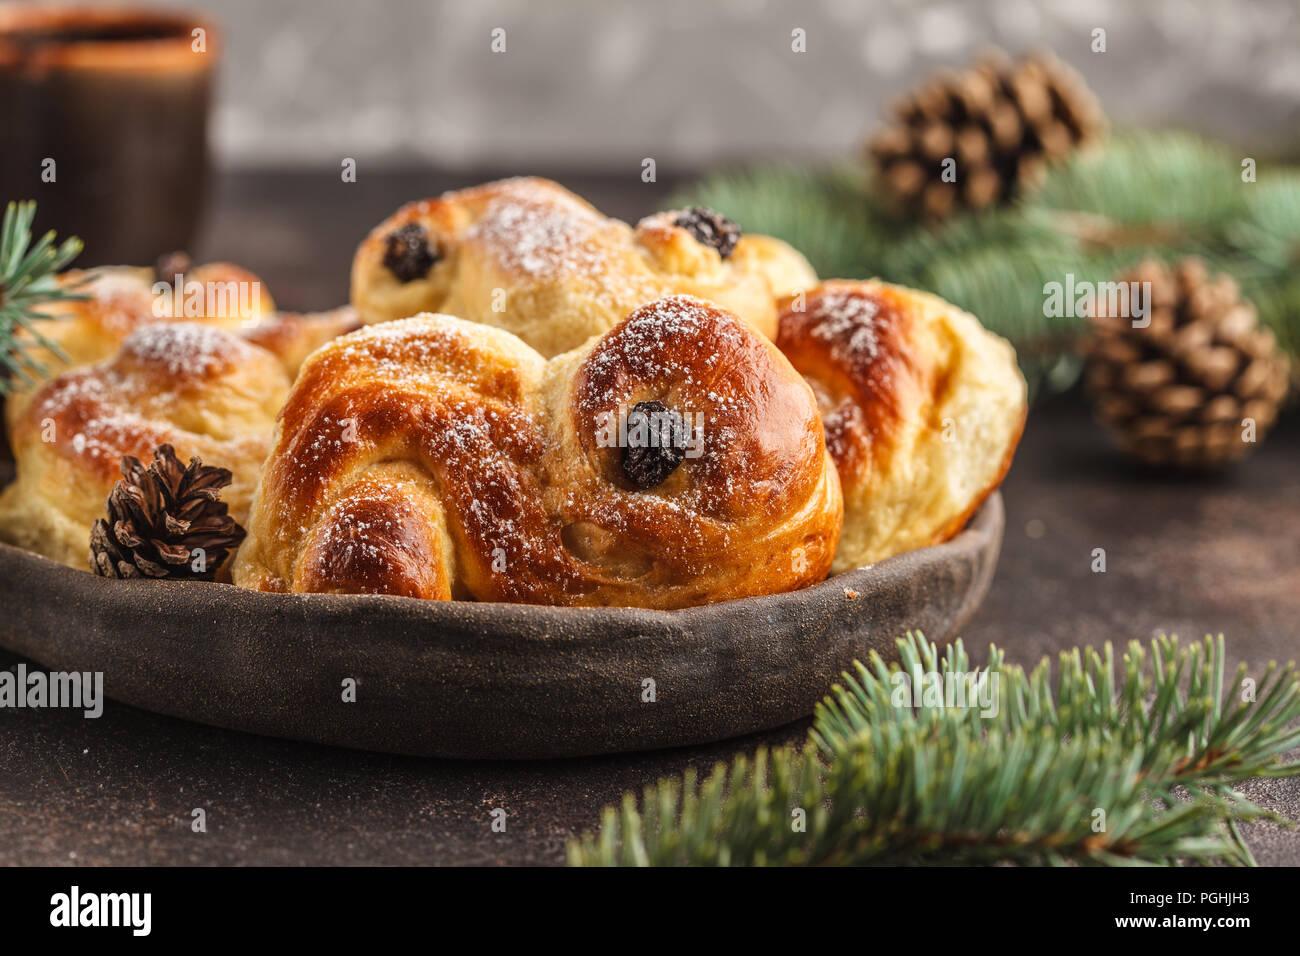 Noël suédois traditionnel (petits pains au safran ou lussebulle lussekatt). Noël suédois. Fond sombre, décoration de Noël. Banque D'Images